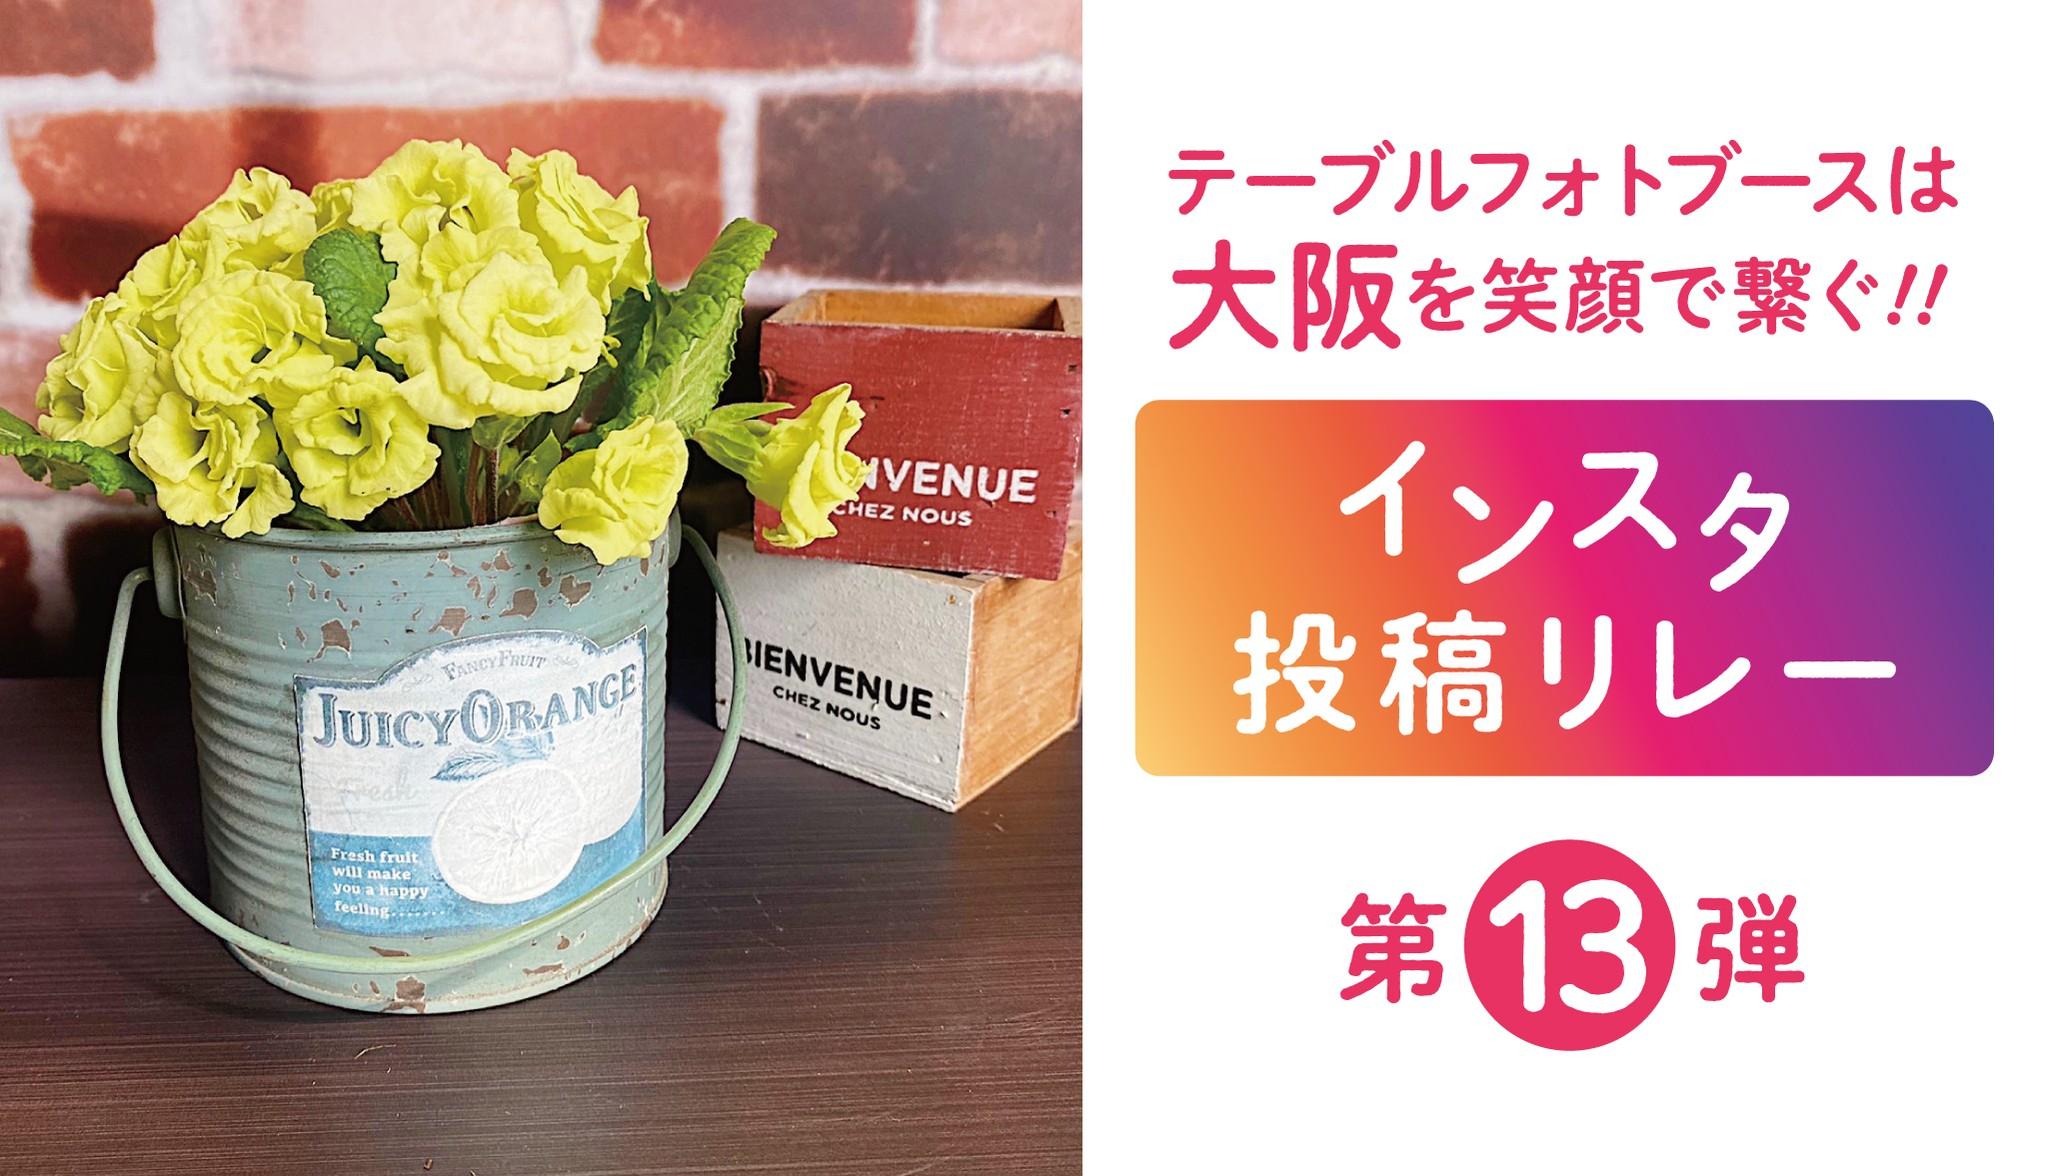 『テーブルフォトブースで大阪を笑顔で繋ぐ!!インスタ投稿リレー』第13弾!!